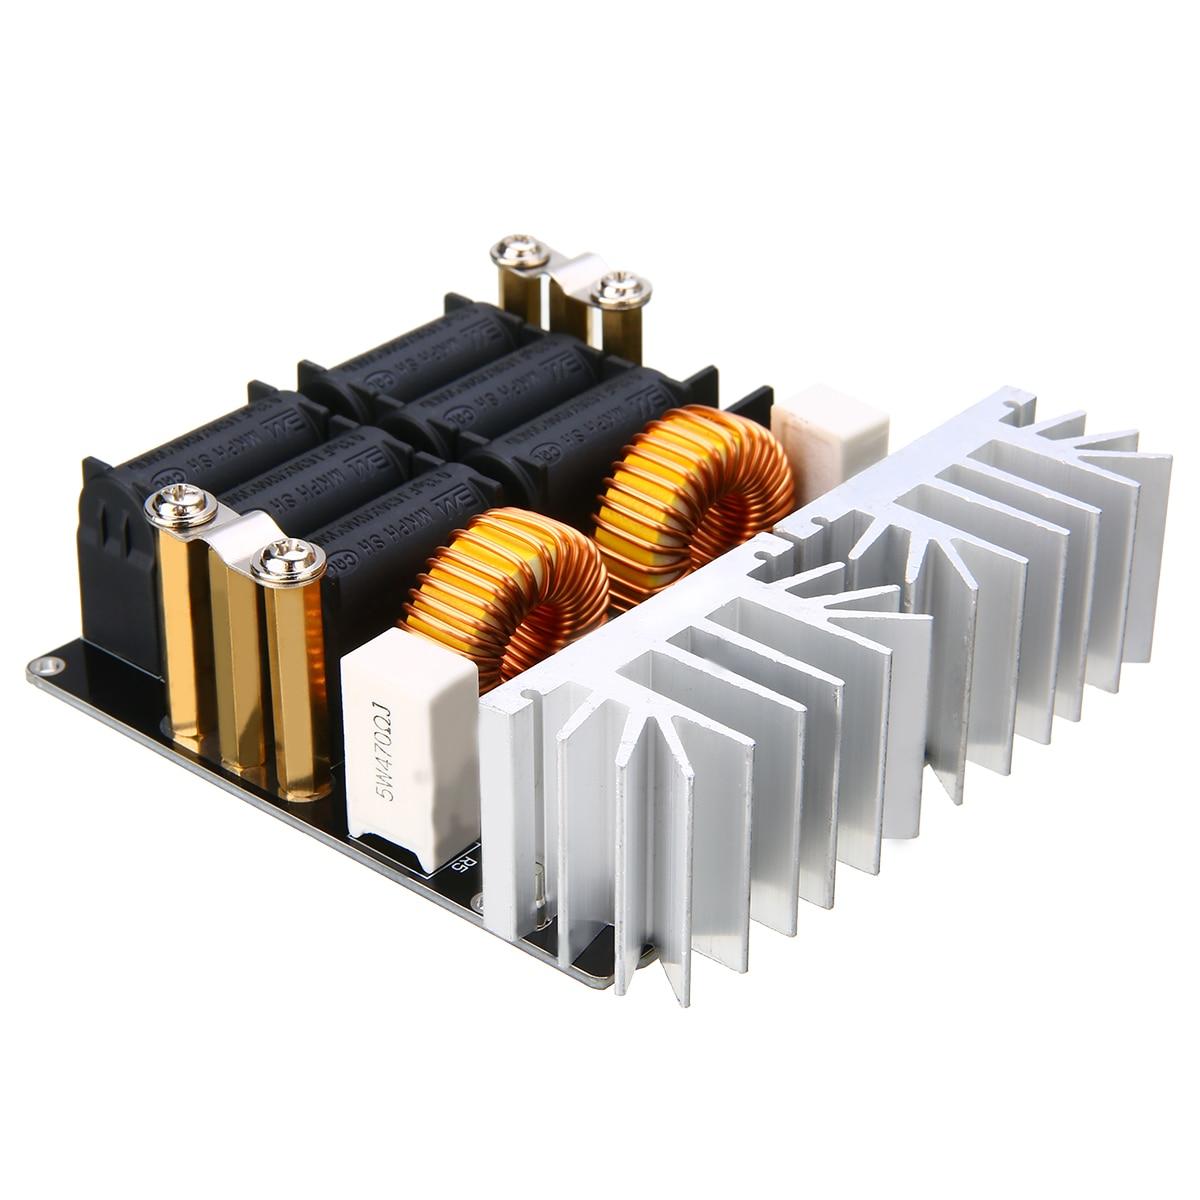 1 pièce/ensemble Durable ZVS 1000 W basse tension Induction Module de chauffage panneau bricolage chauffage avec bobine Tesla pour le traitement de chauffage - 4